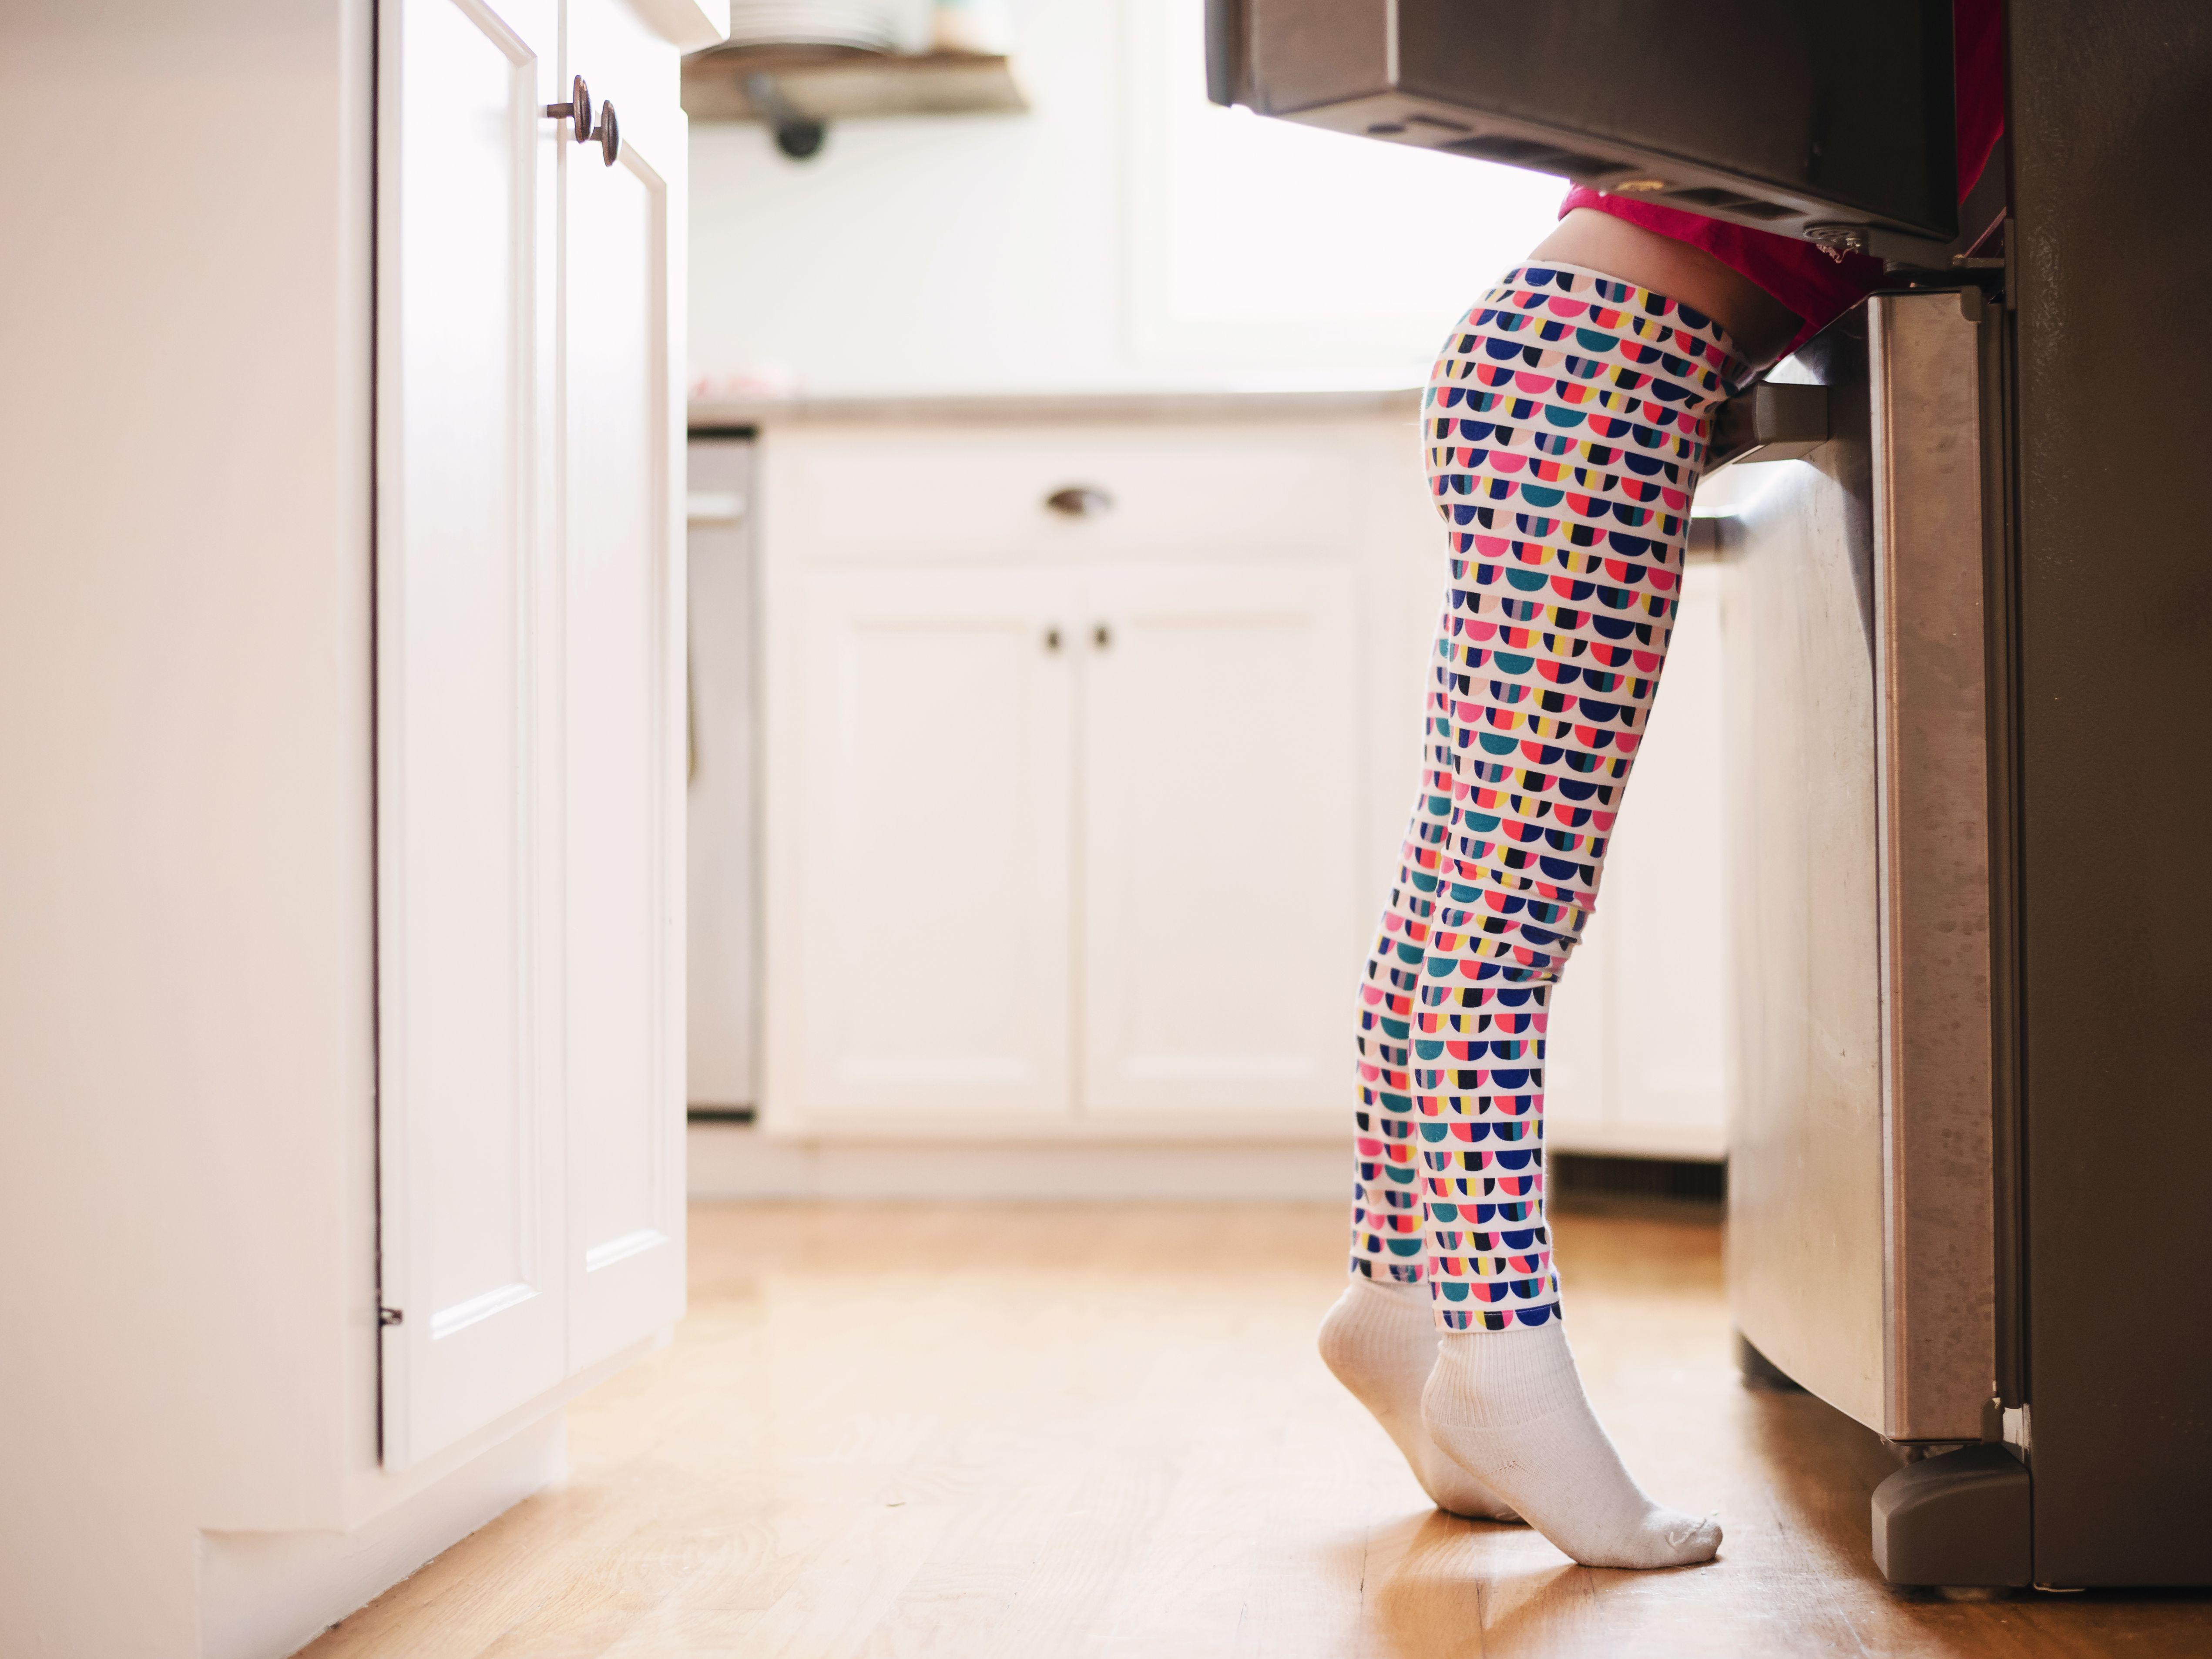 The 7 Best French Door Refrigerators of 2019